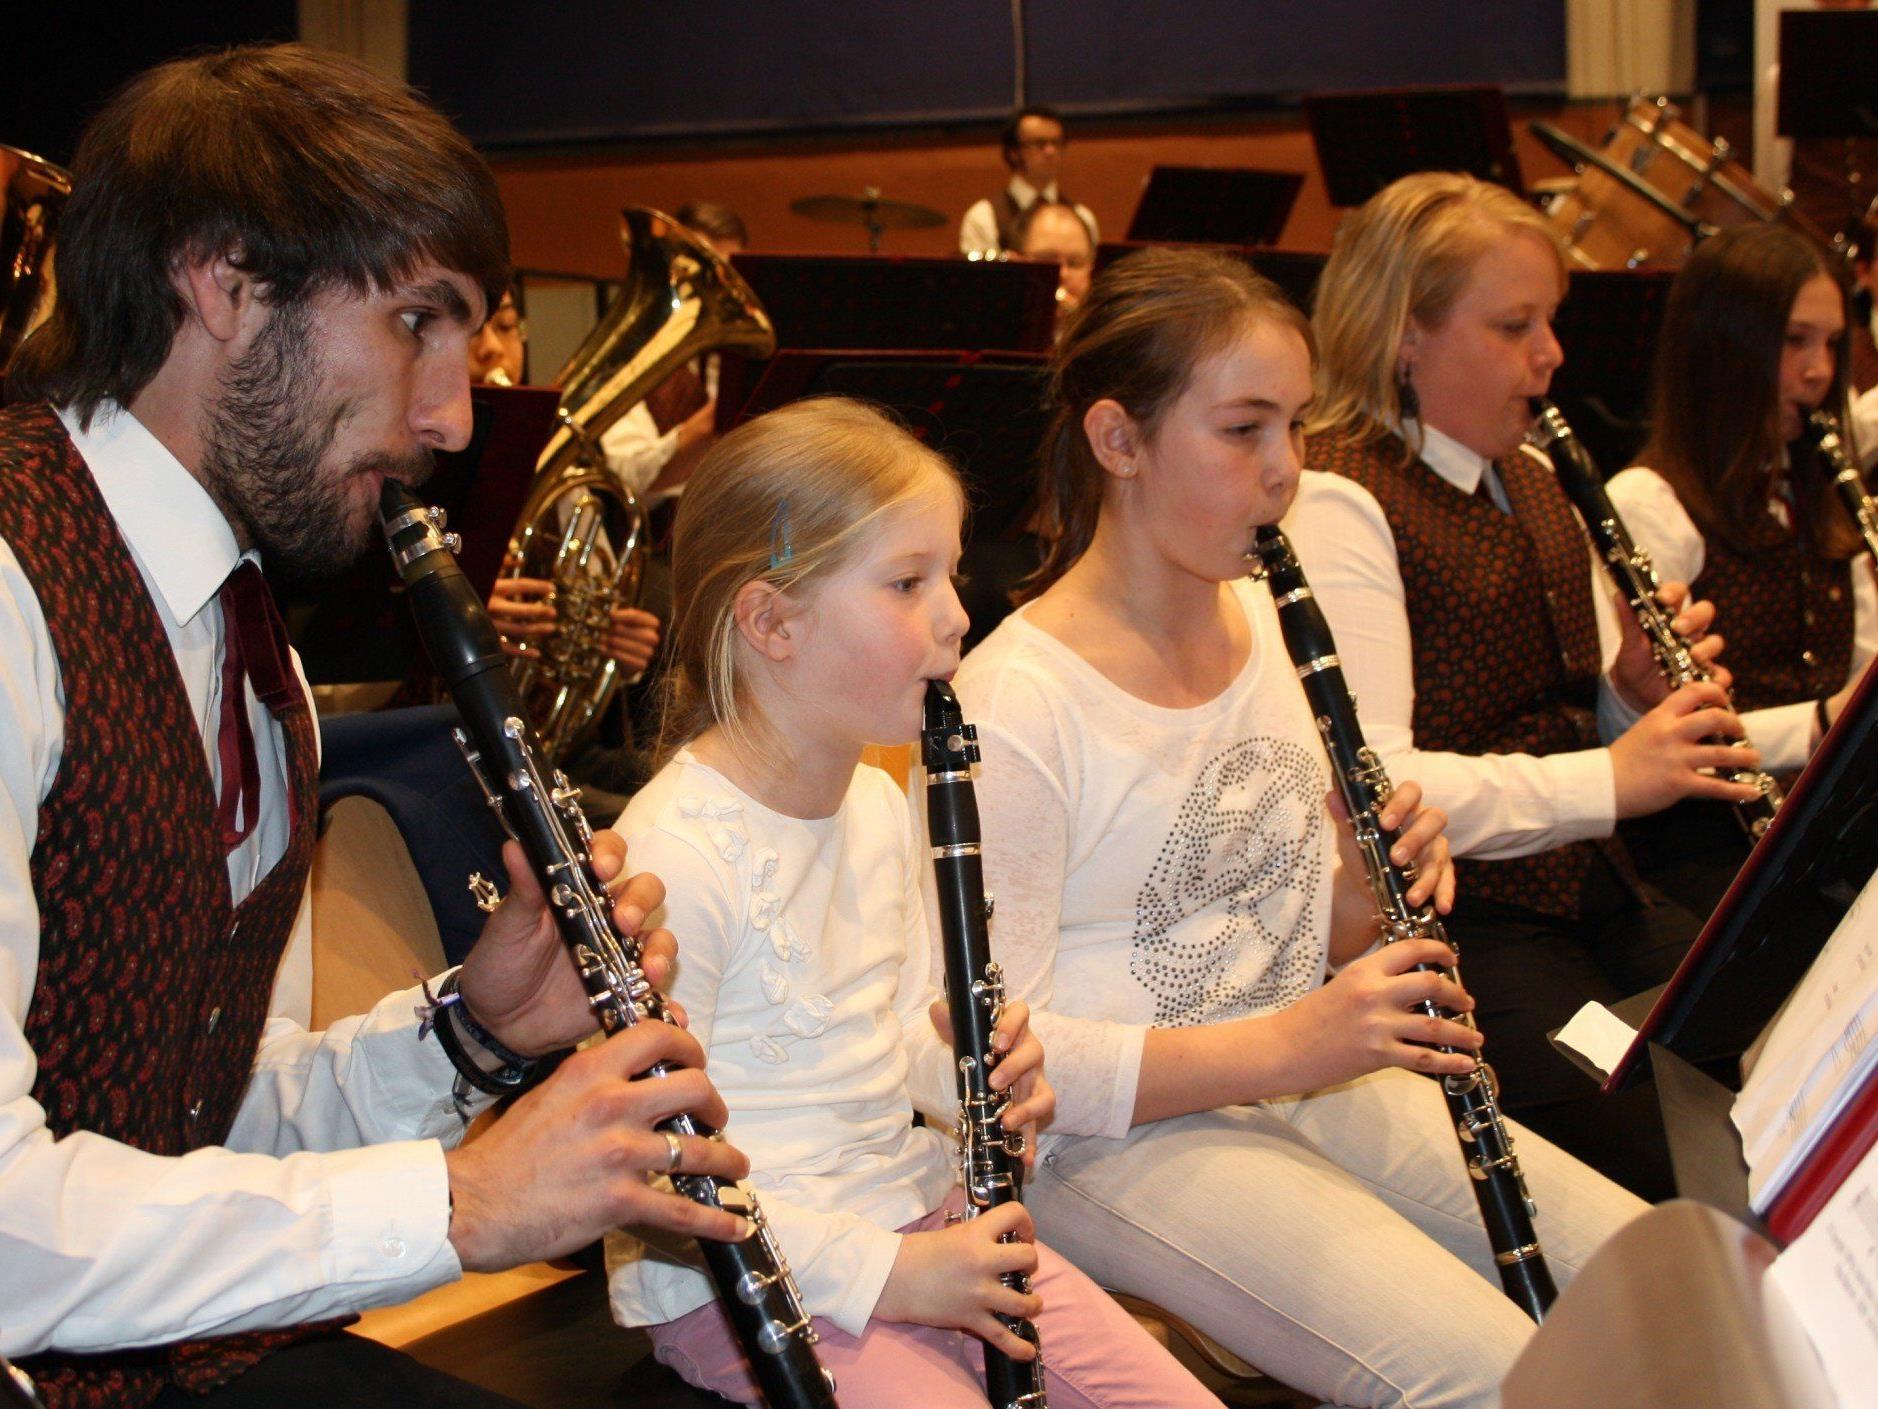 Musizieren macht Spaß: Unter diesem Motto sucht und fördert der Musikverein Lochau junge musikalische Talente.